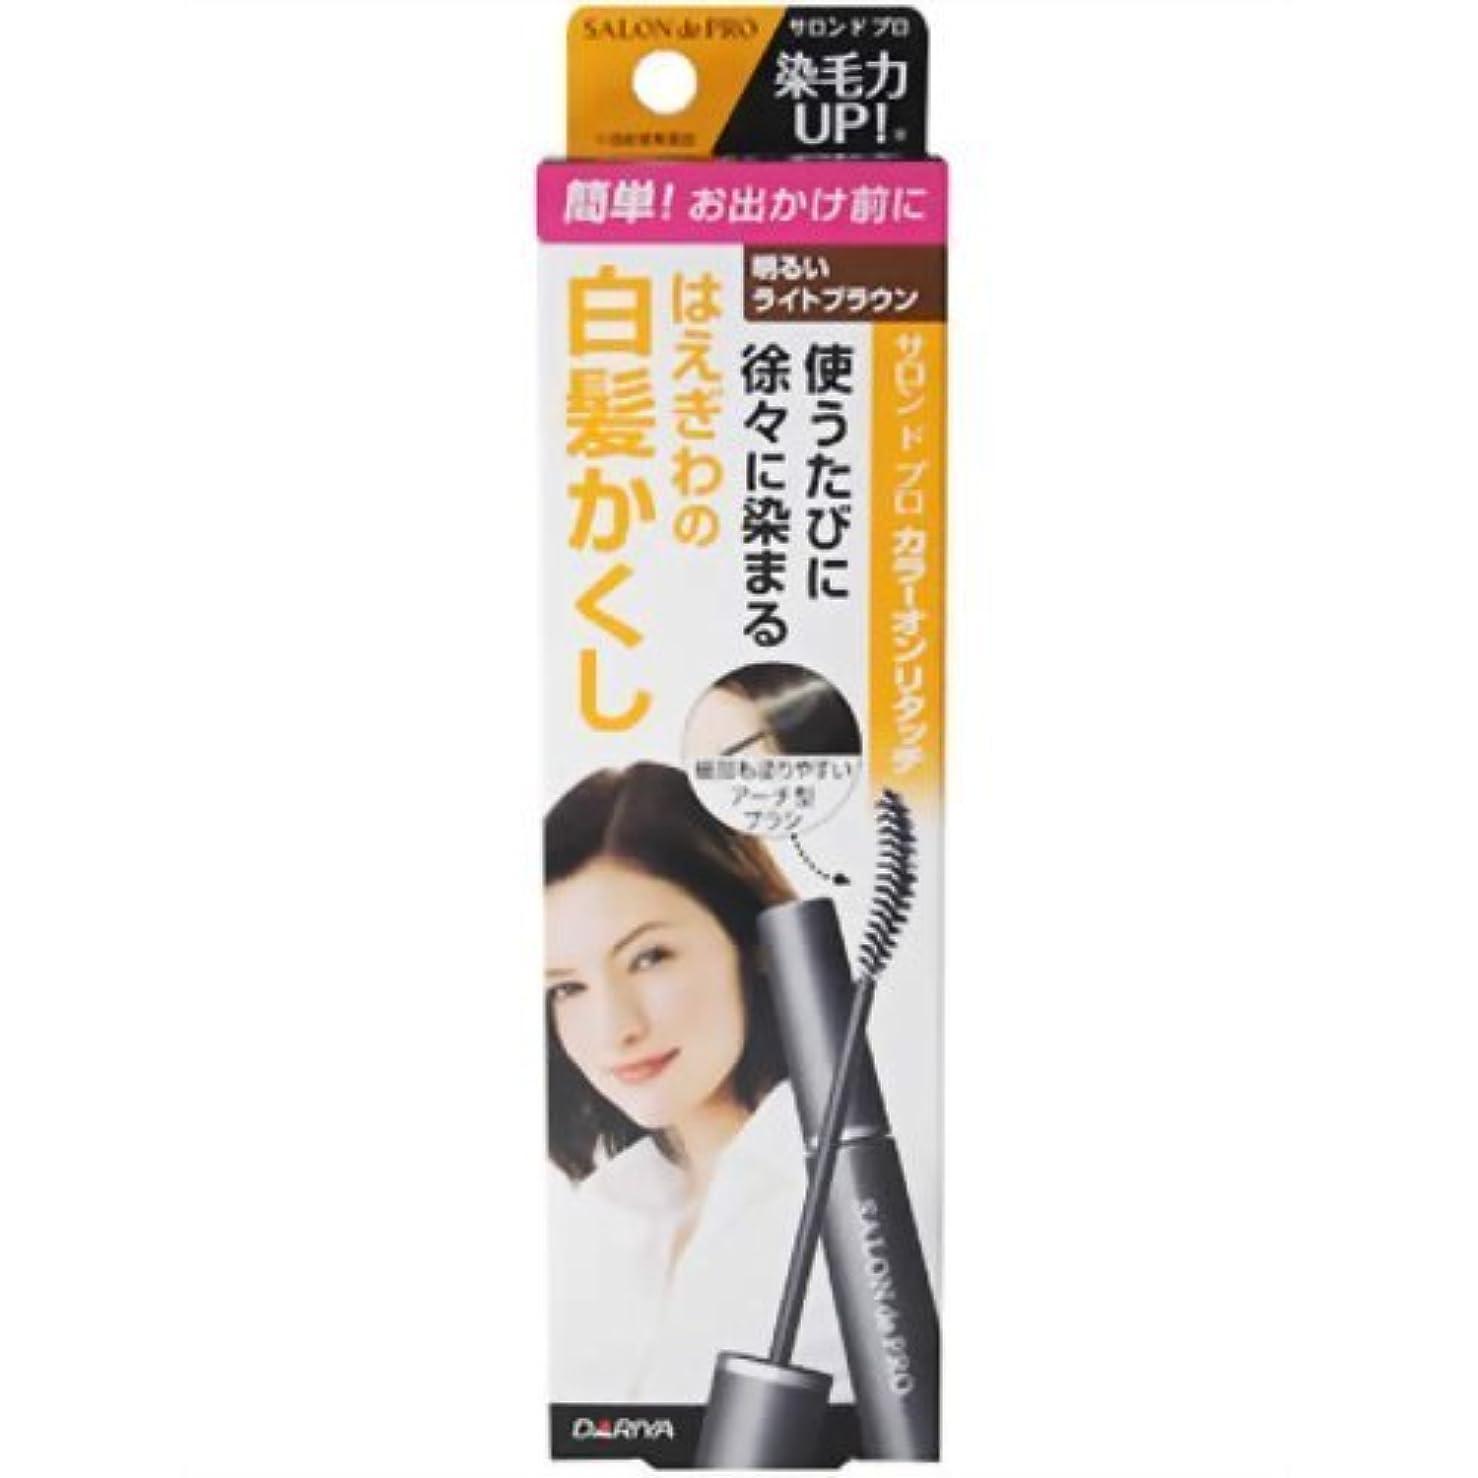 サロンドプロカラーオンリタッチ白髪かくし 明るいライトブラウン       15ML × 10個セット